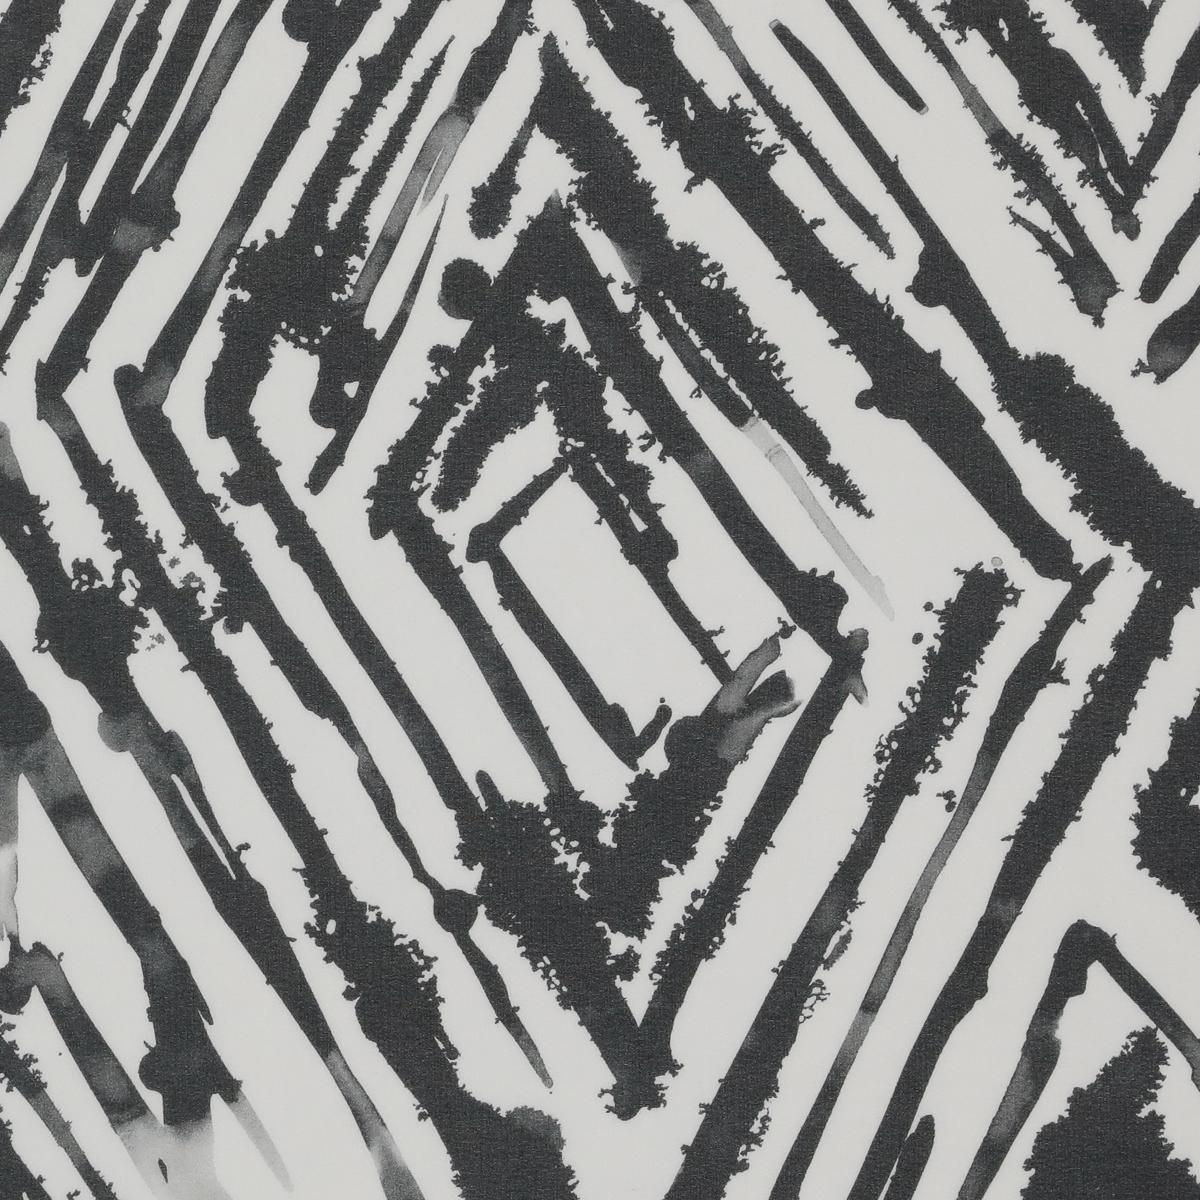 Полупрозрачный шёлковый стретч-крепдешин чёрно-белым узором